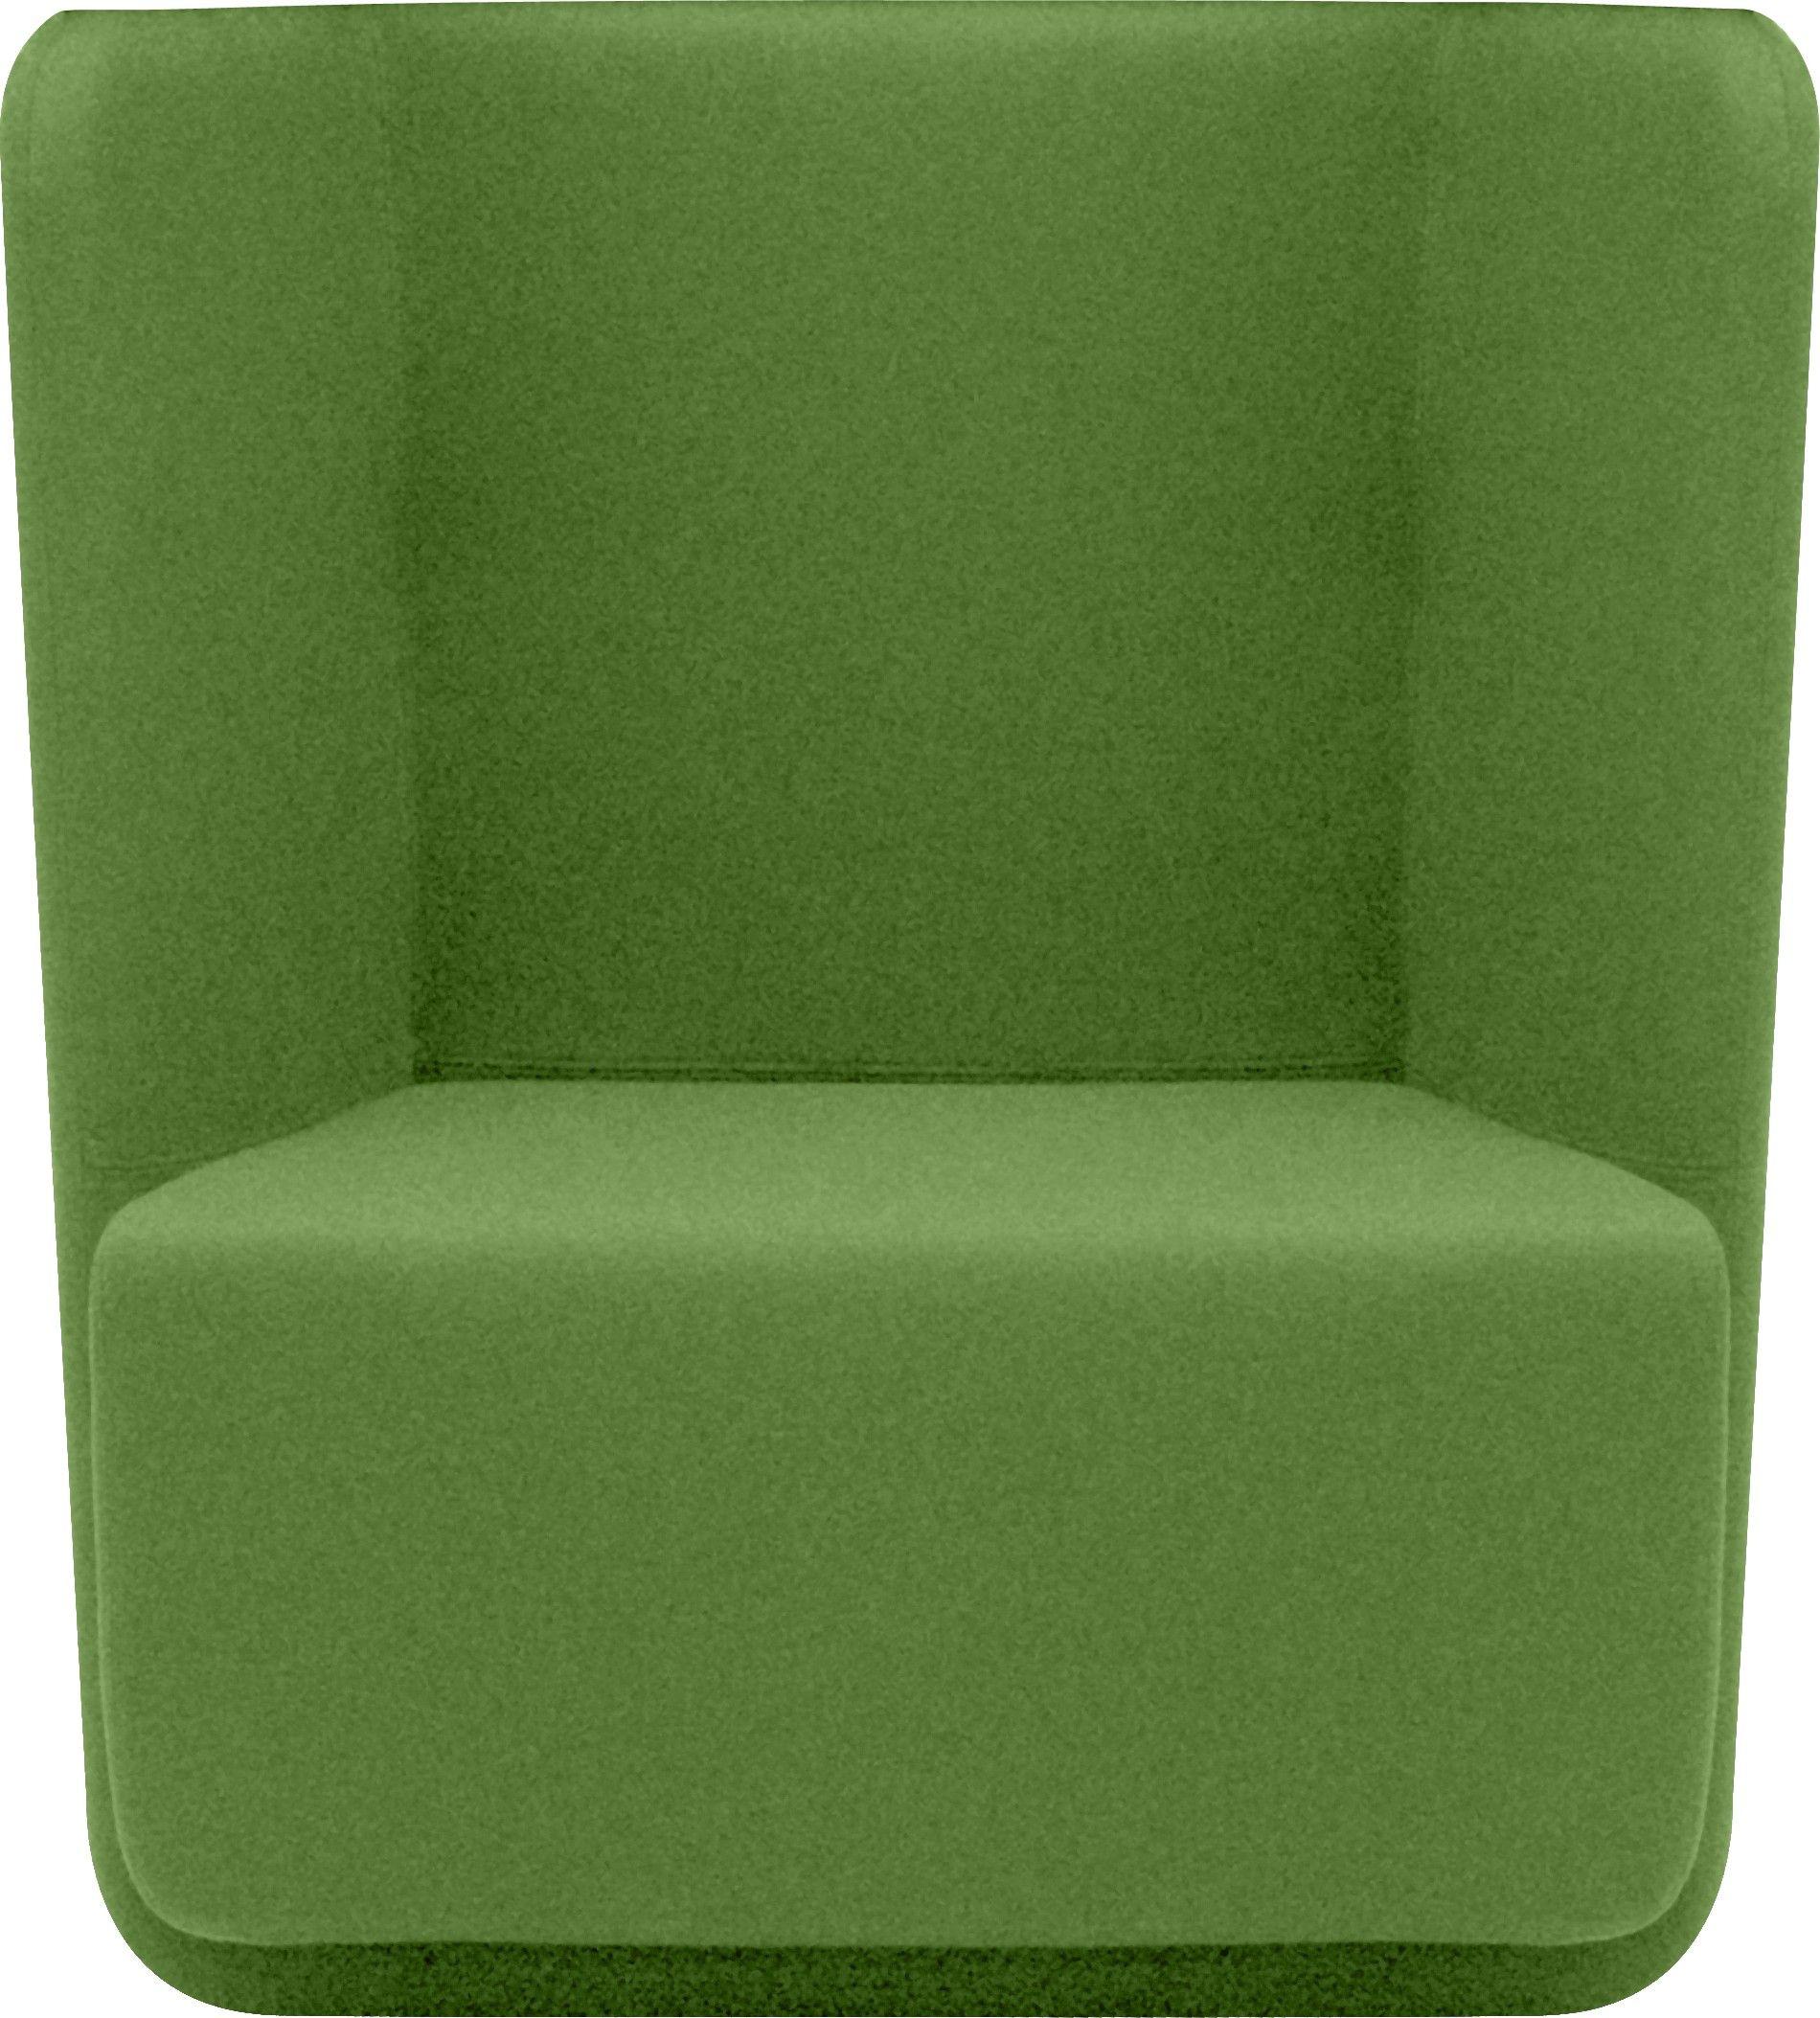 Pin Von Desigano Com Auf Produktneuheiten Sessel Lounge